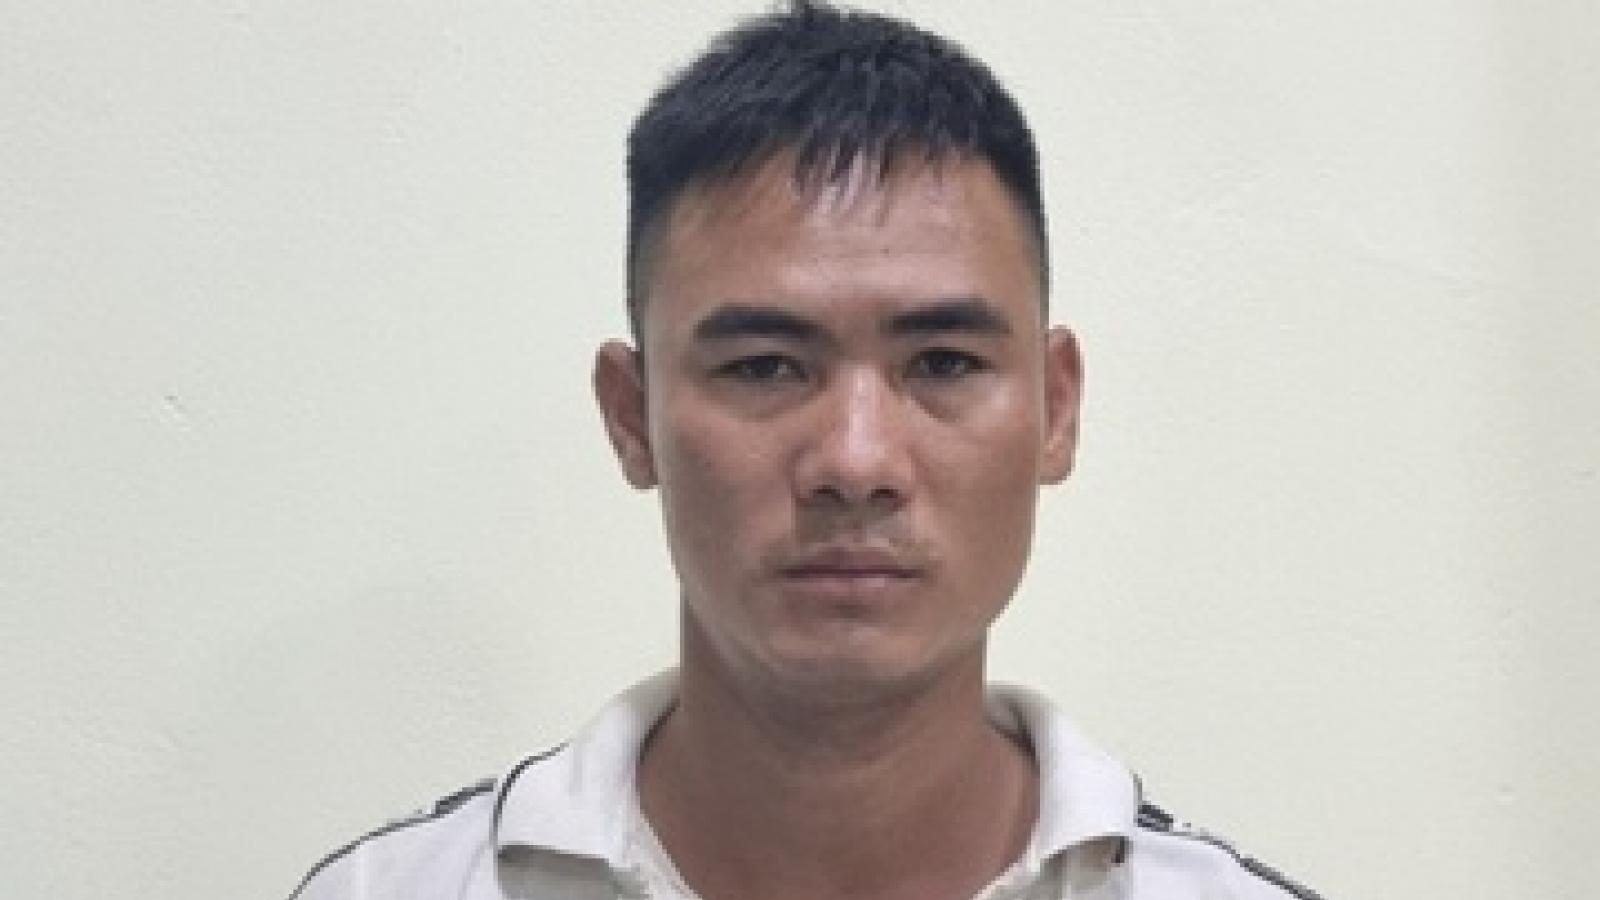 Lời khai rùng rợn của nghi phạm giết người phi tang xác xuống cống ở Hà Nội